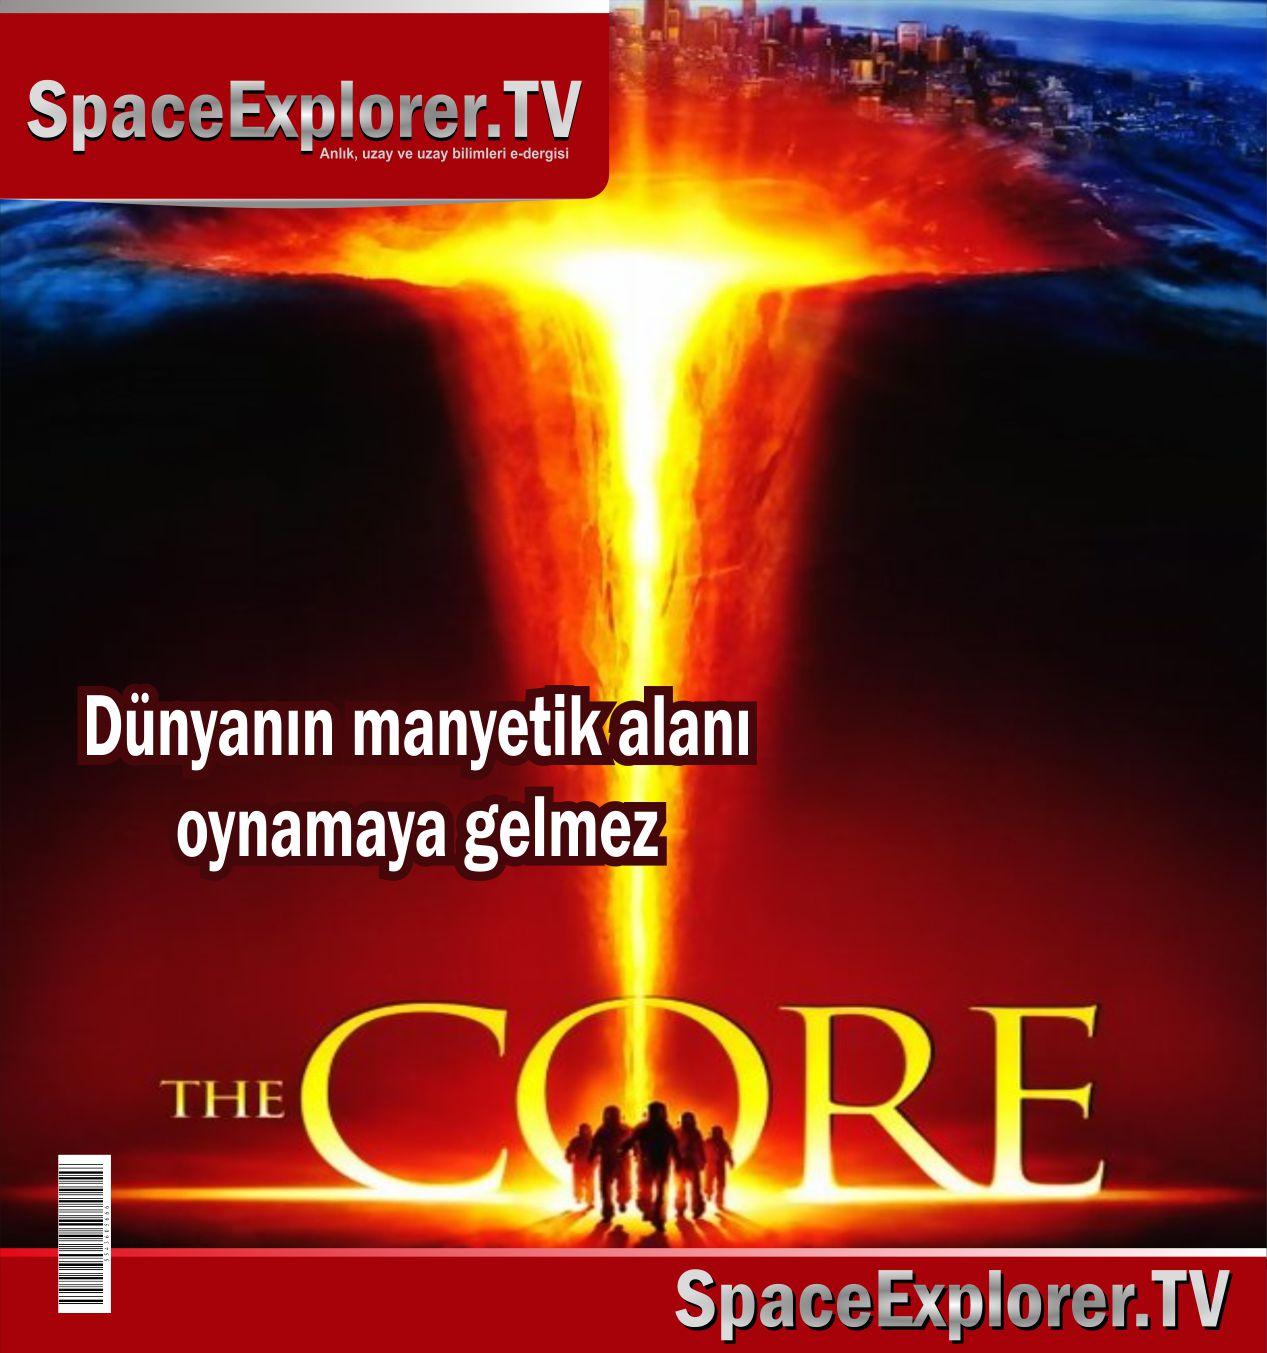 Çekirdek, Çekirdek filmi, Dış çekirdek, Dünya, Elektromanyetik savaş, HAARP, İç çekirdek, İklim silahları, Manyetik alan, Stratejik silahlar, The Core, Videolar, Zihin kontrolü, Yapay deprem,